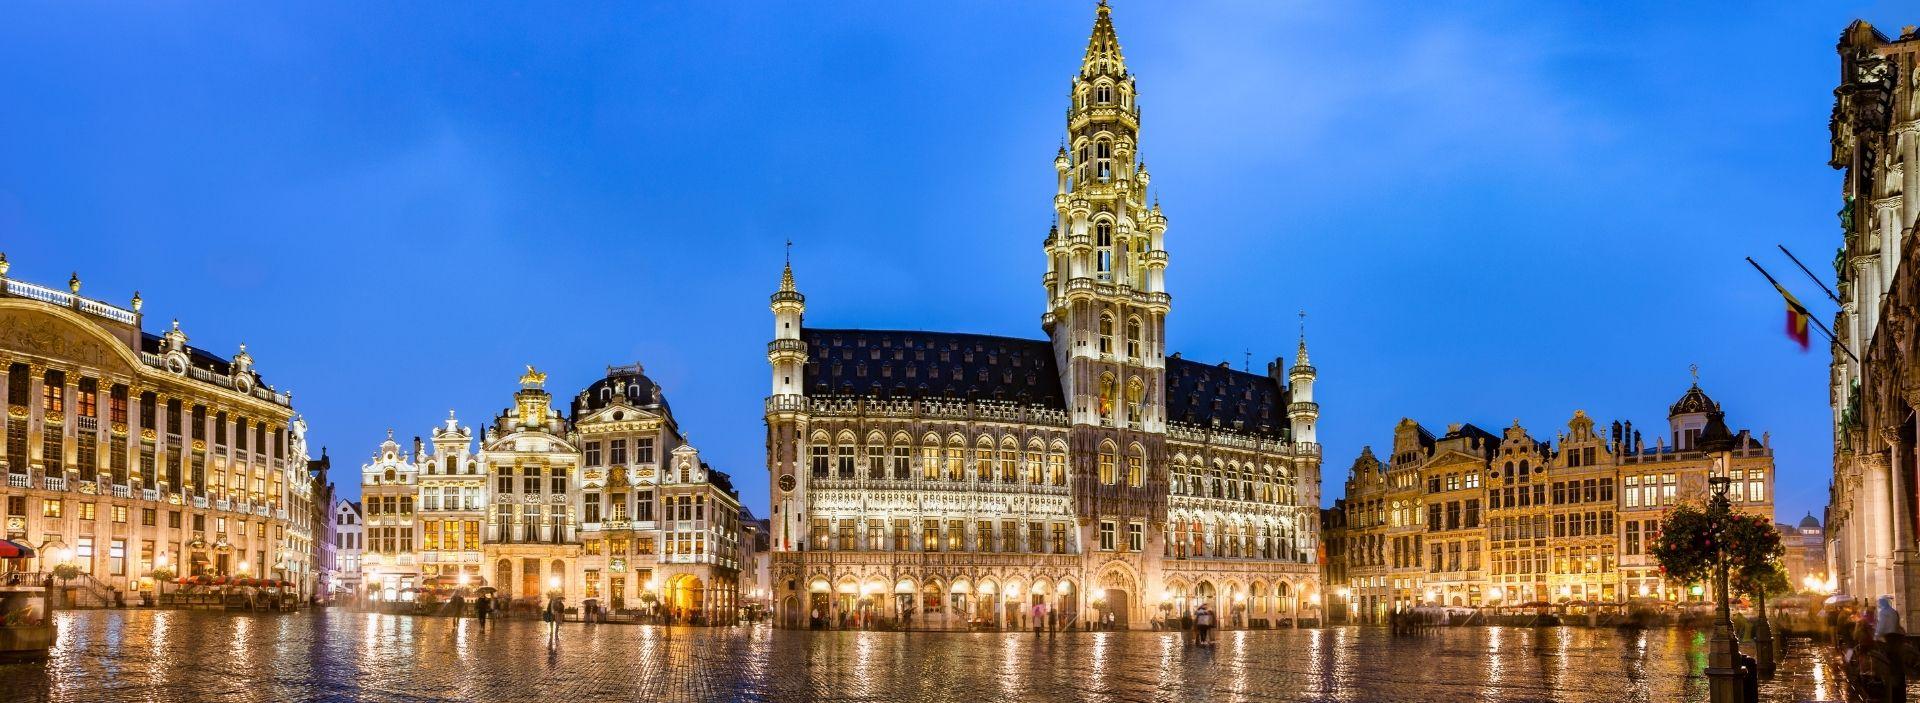 Brüssel bei nacht